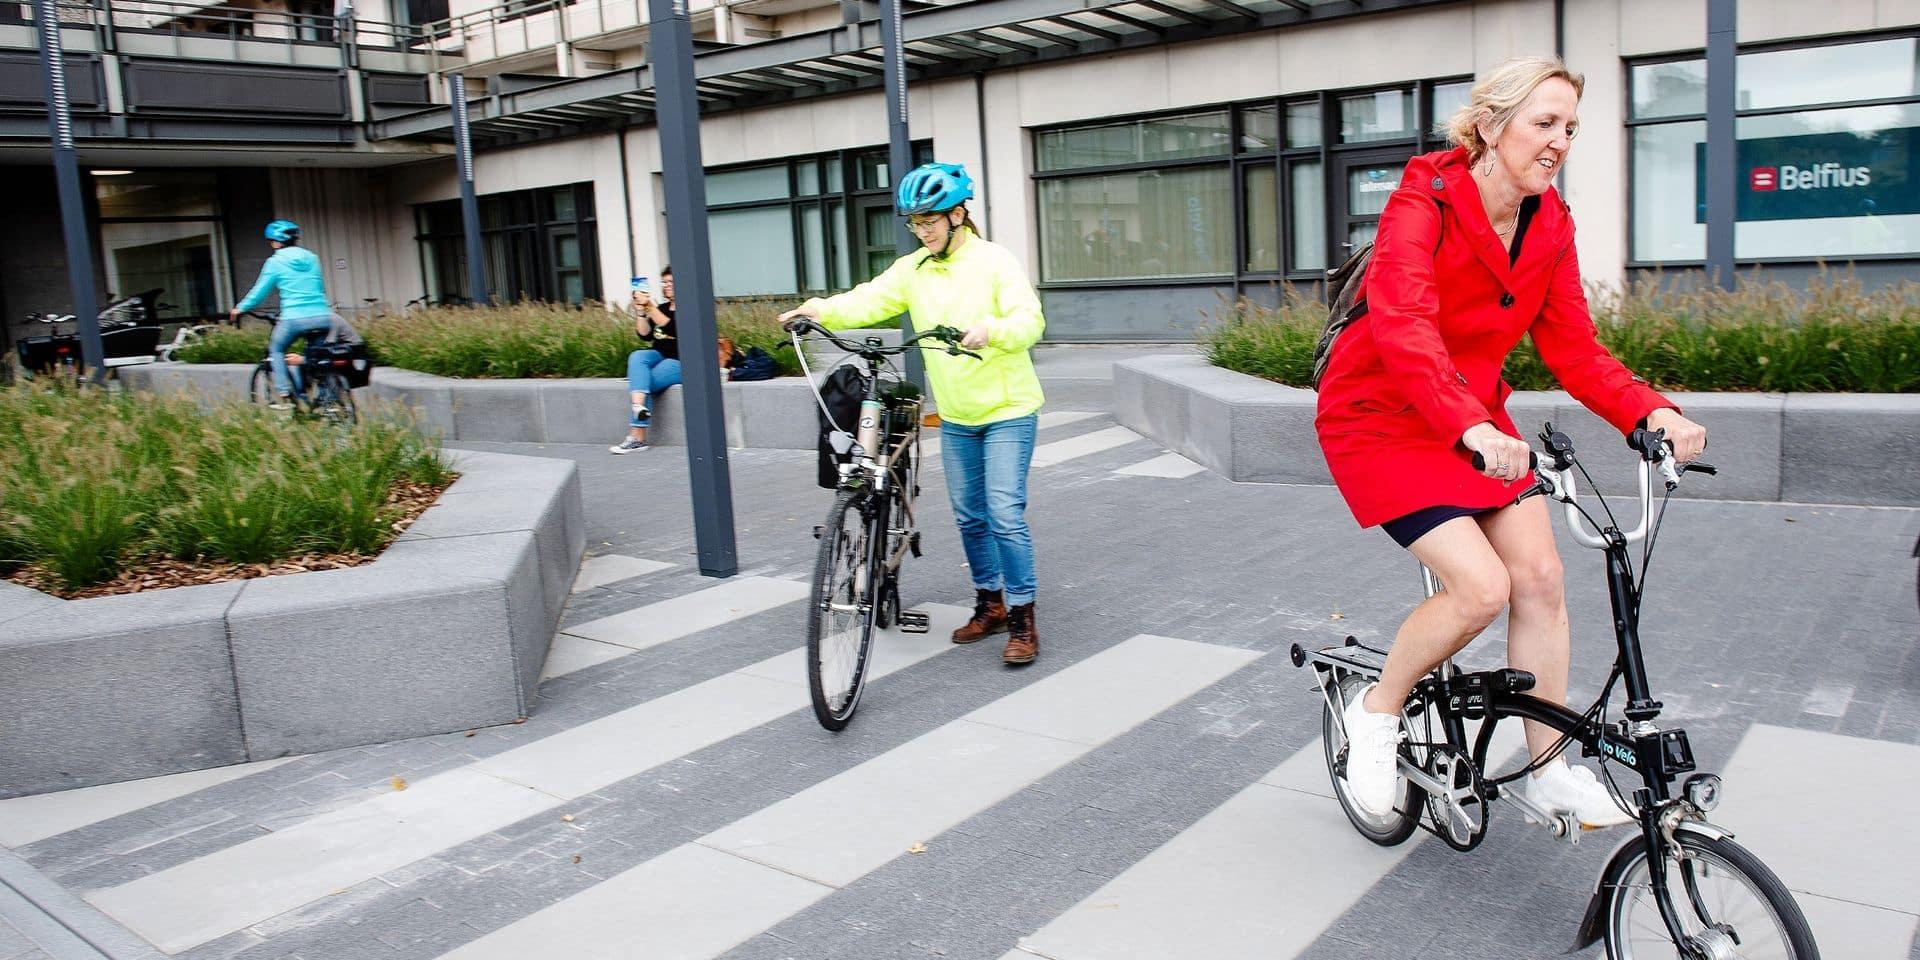 Penser la mobilité à Bruxelles aussi en fonction des réalités des femmes, ça veut dire quoi concrètement?